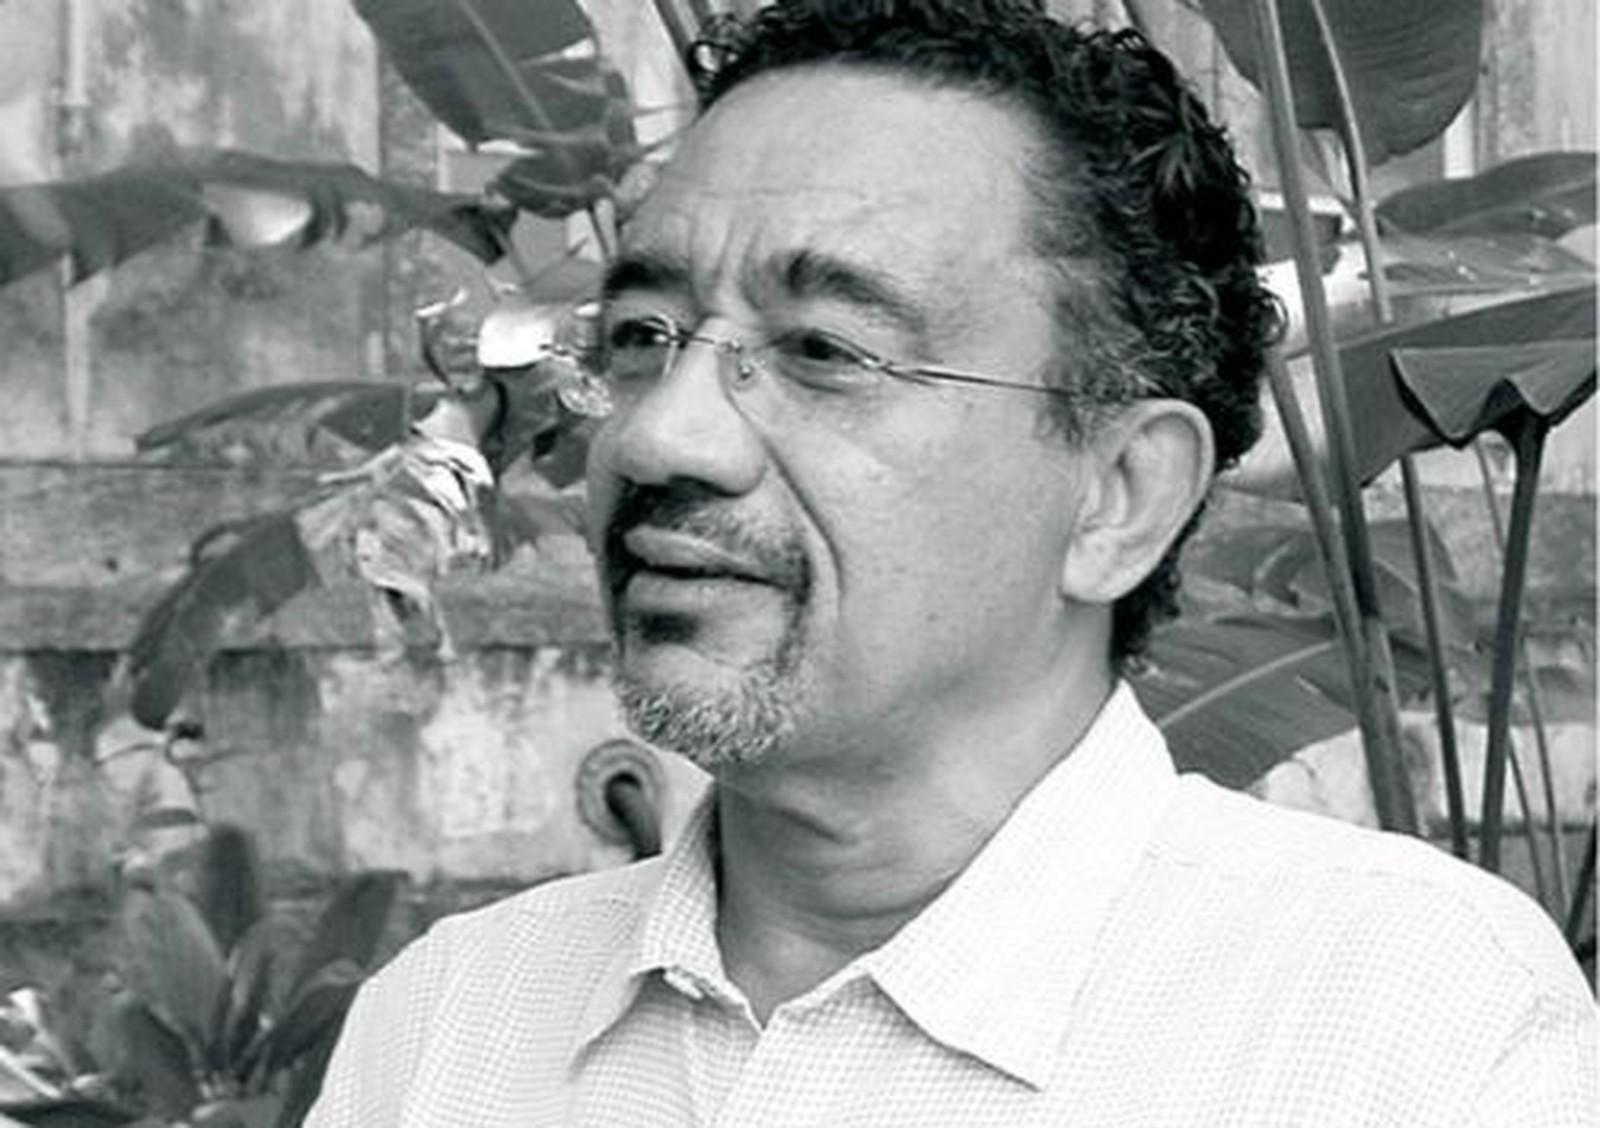 Foto em preo e branco de Muniz Sodré - homem idoso negro, usando óculos de grau